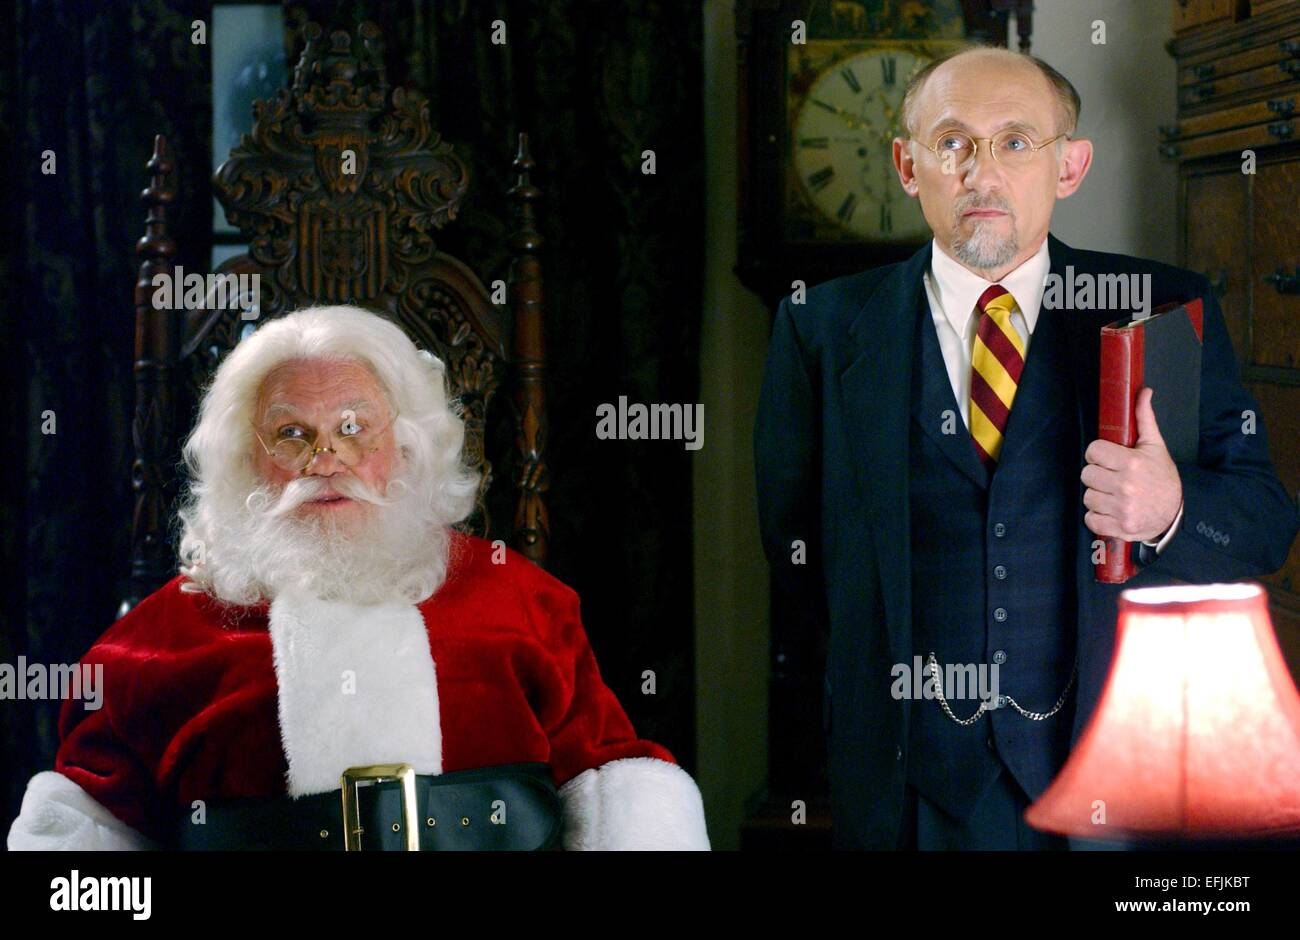 Single santa seeks mrs. claus (2005)